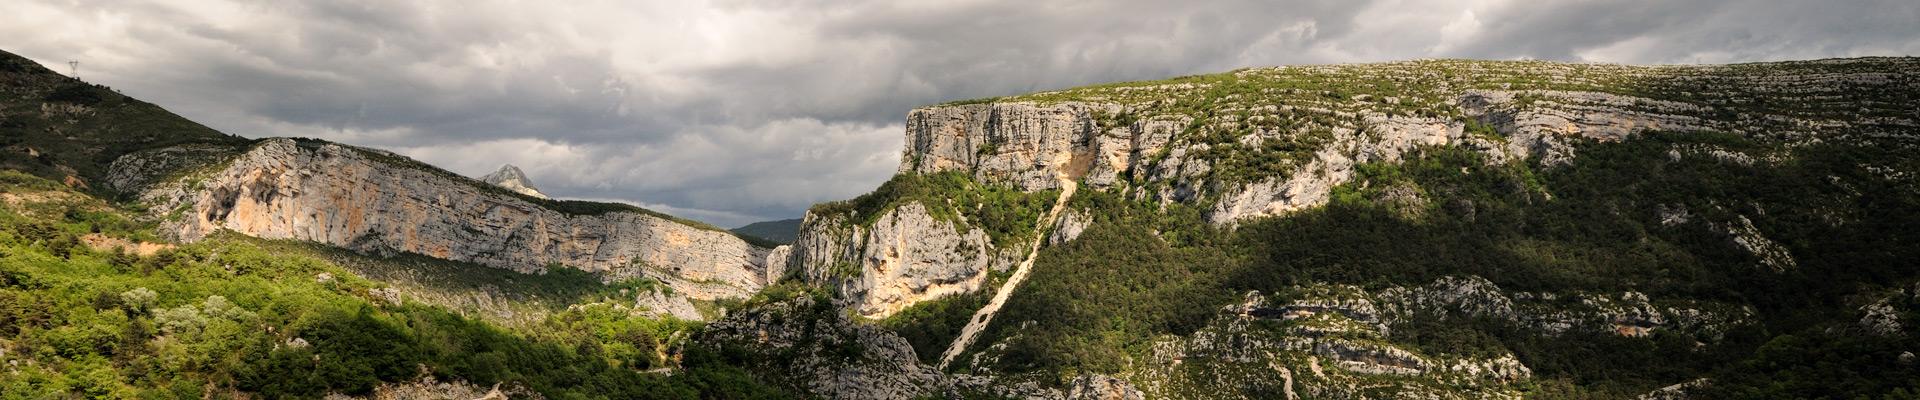 Top image Gorges du Verdon au Point Sublime